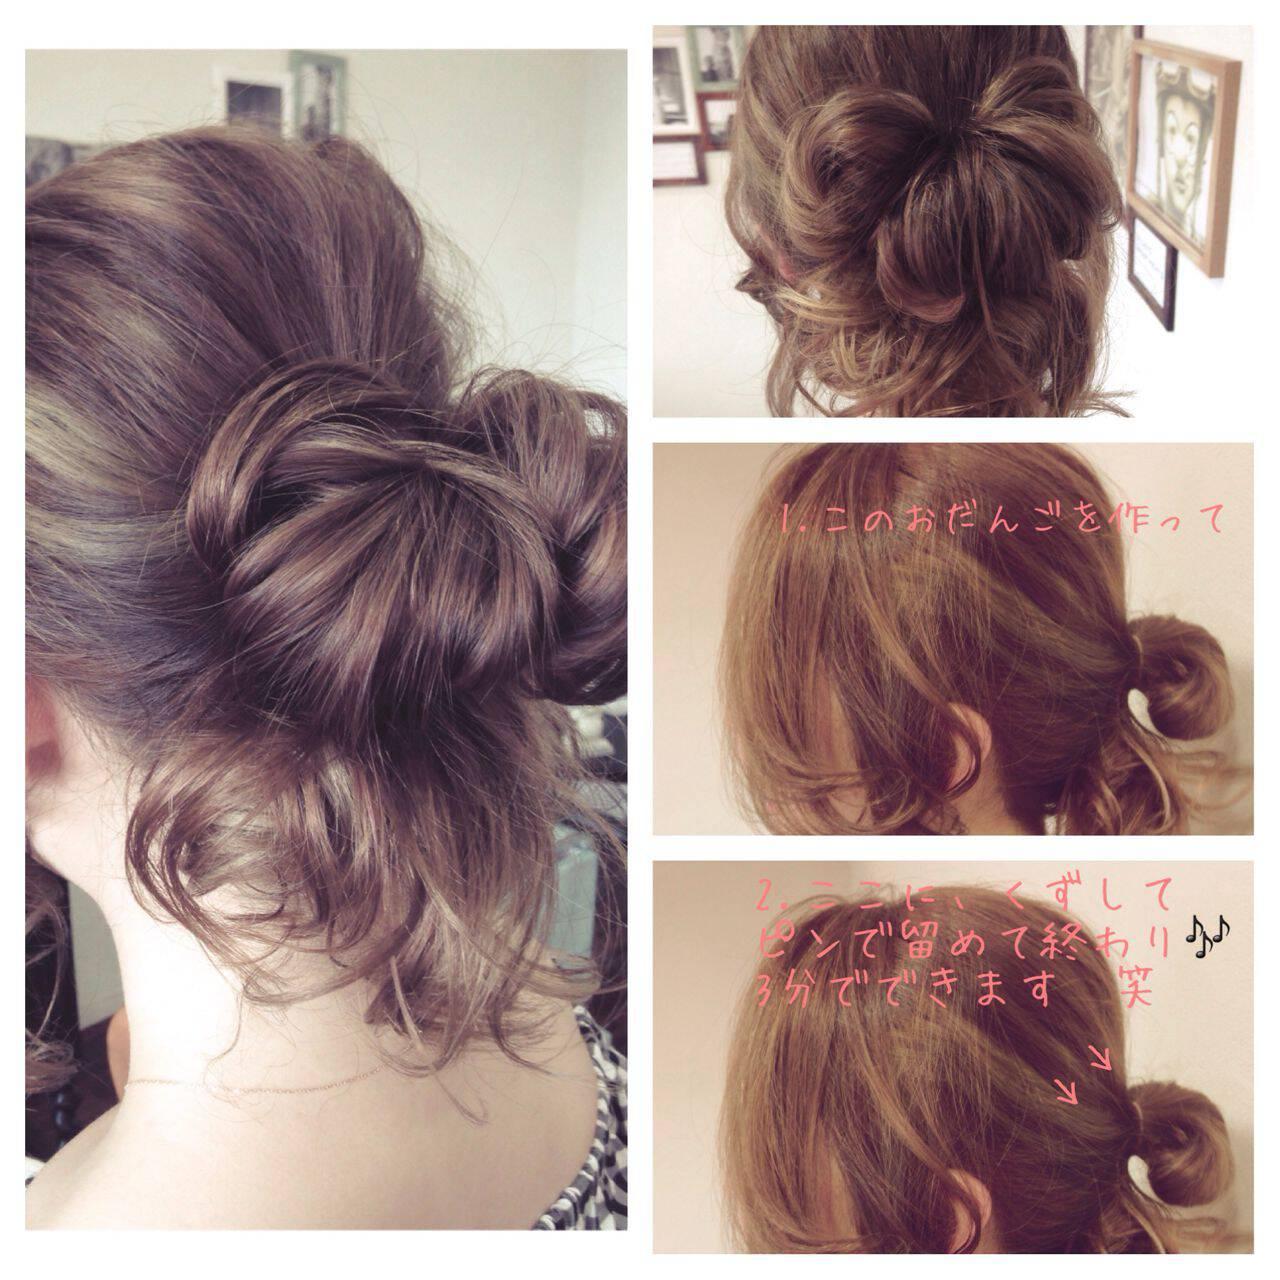 大人かわいい ナチュラル 結婚式 簡単ヘアアレンジヘアスタイルや髪型の写真・画像